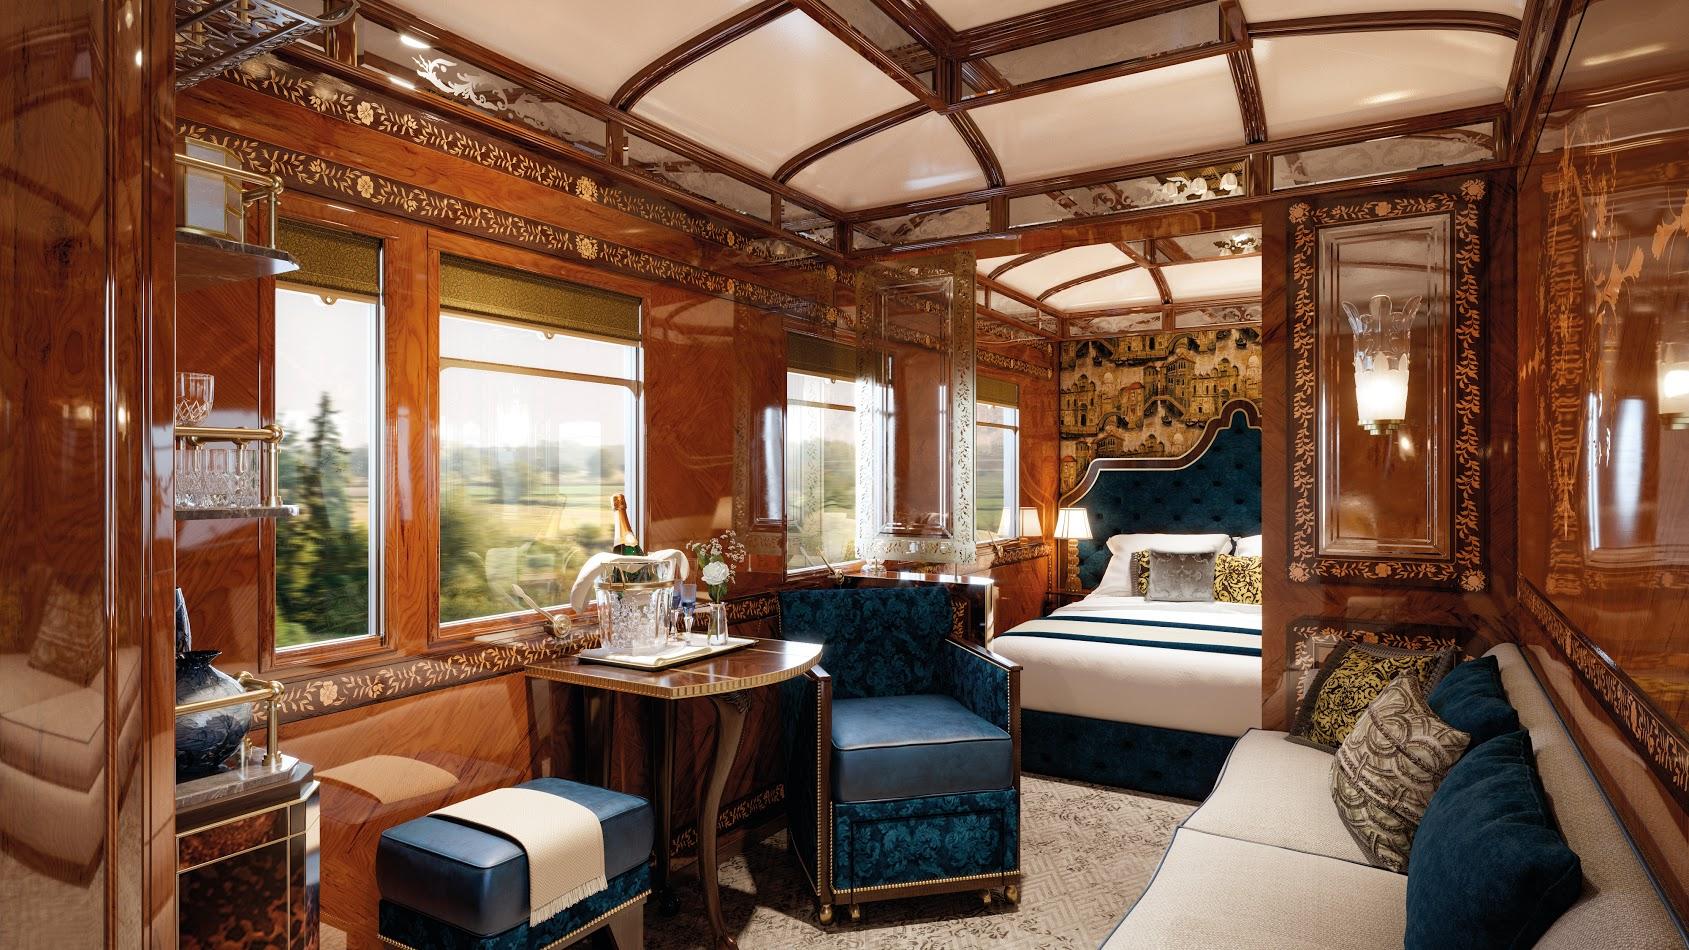 Grand Suite 'Venice' on the Venice-Simplon-Orient-Express.